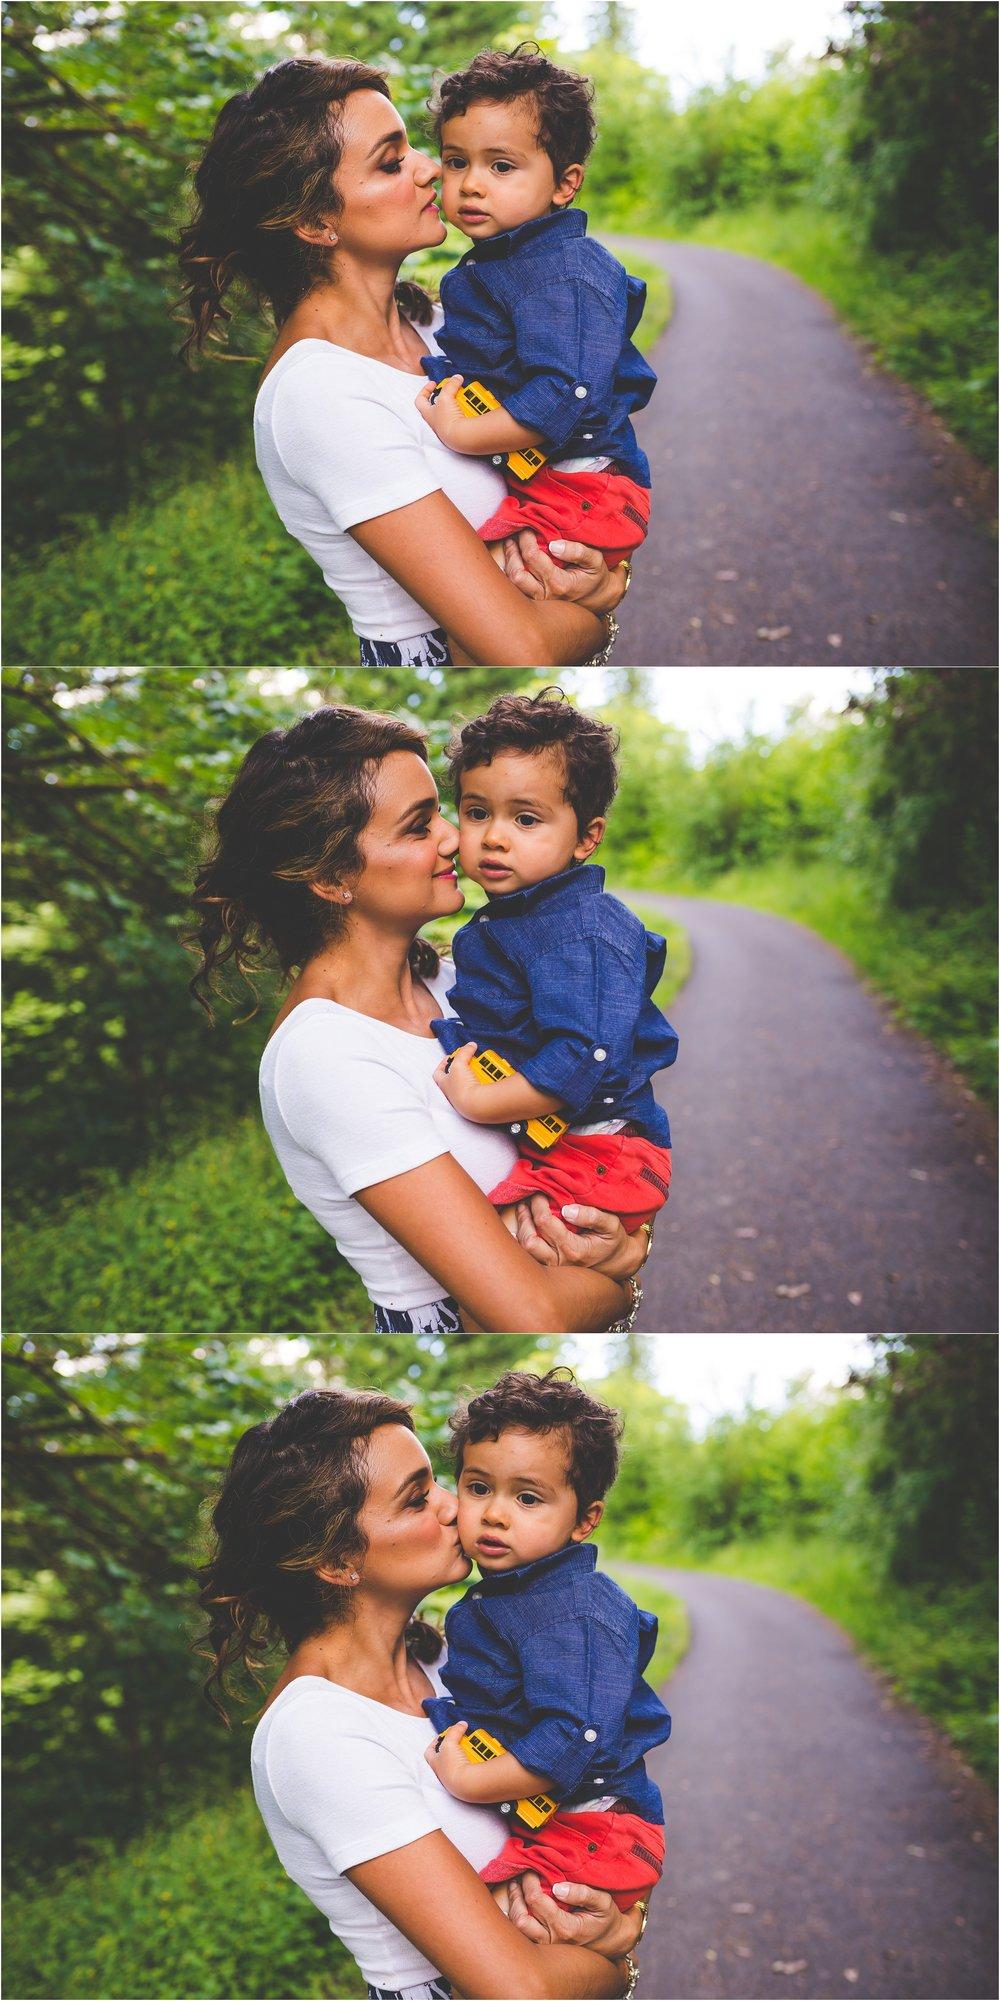 hoyt-arboretum-family-session-jannicka-mayte-portland-oregon-family-photographer_0010.jpg